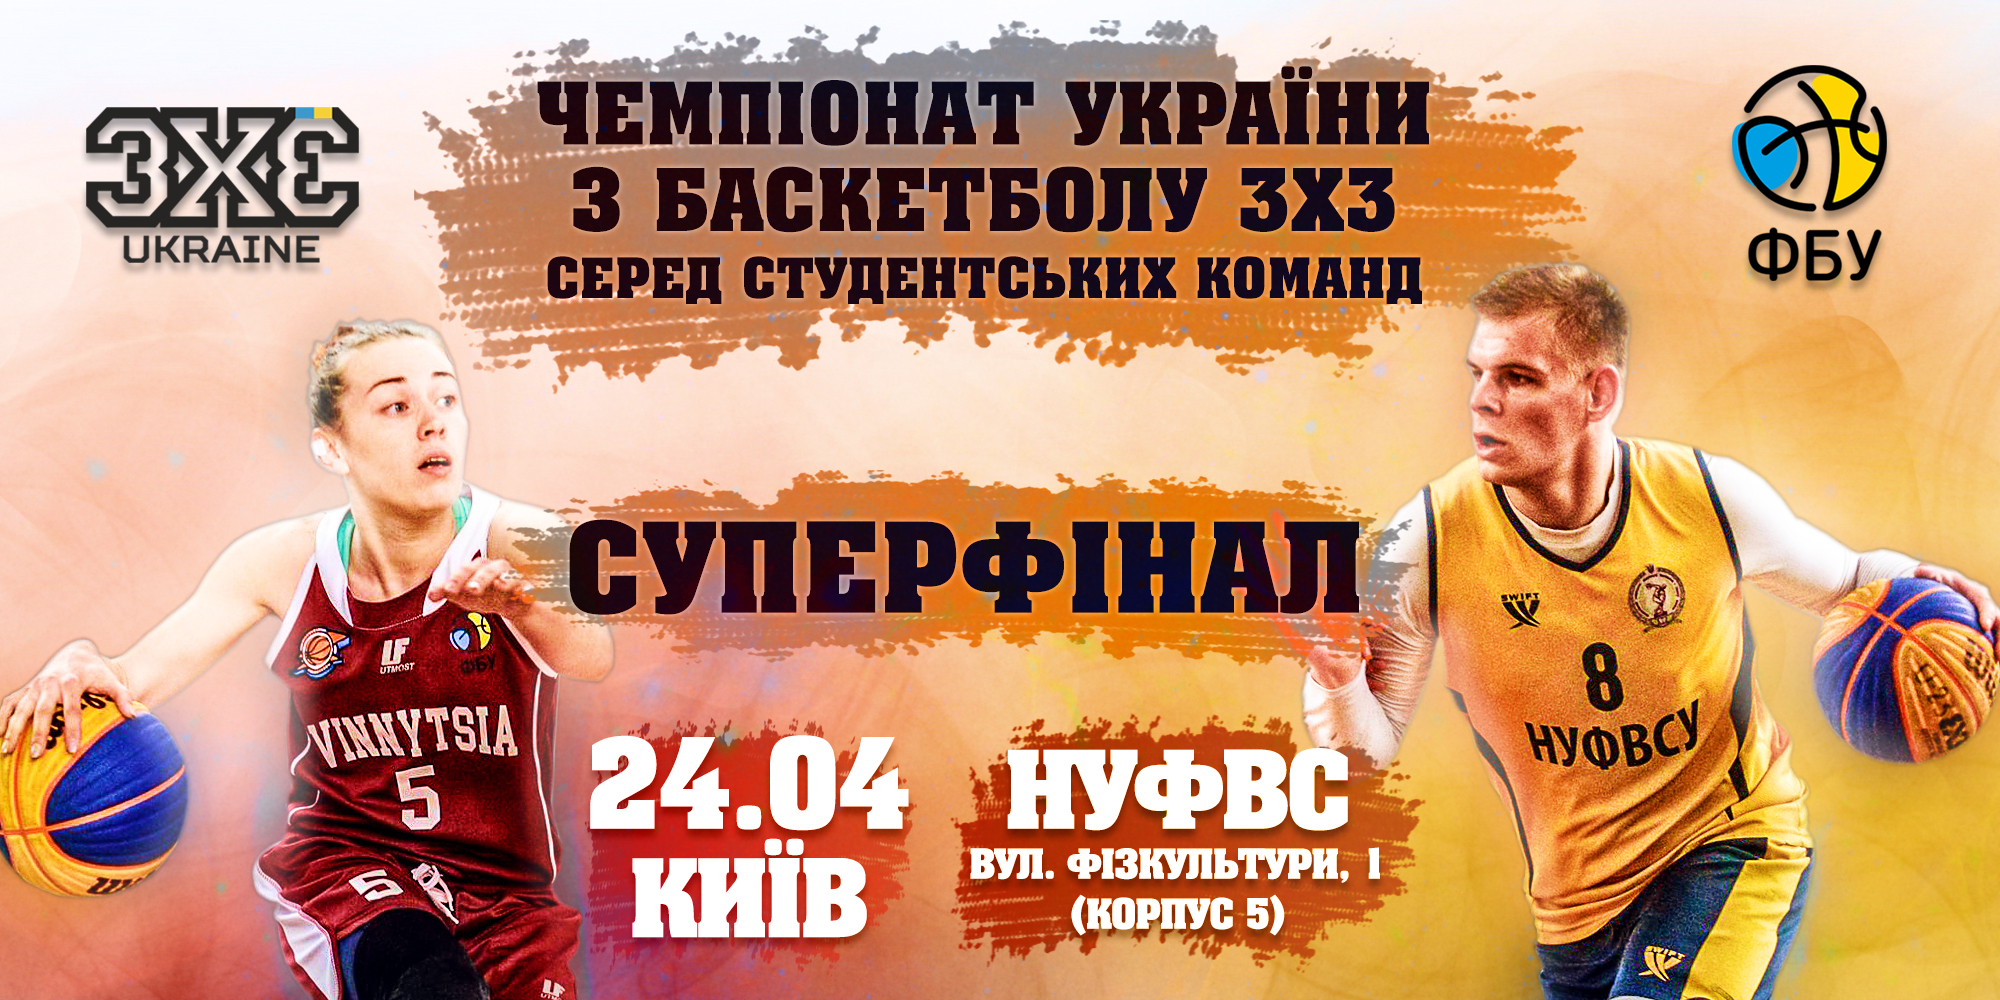 24 квітня в Києві відбудеться фінальний етап студентського чемпіонату України з баскетболу 3х3